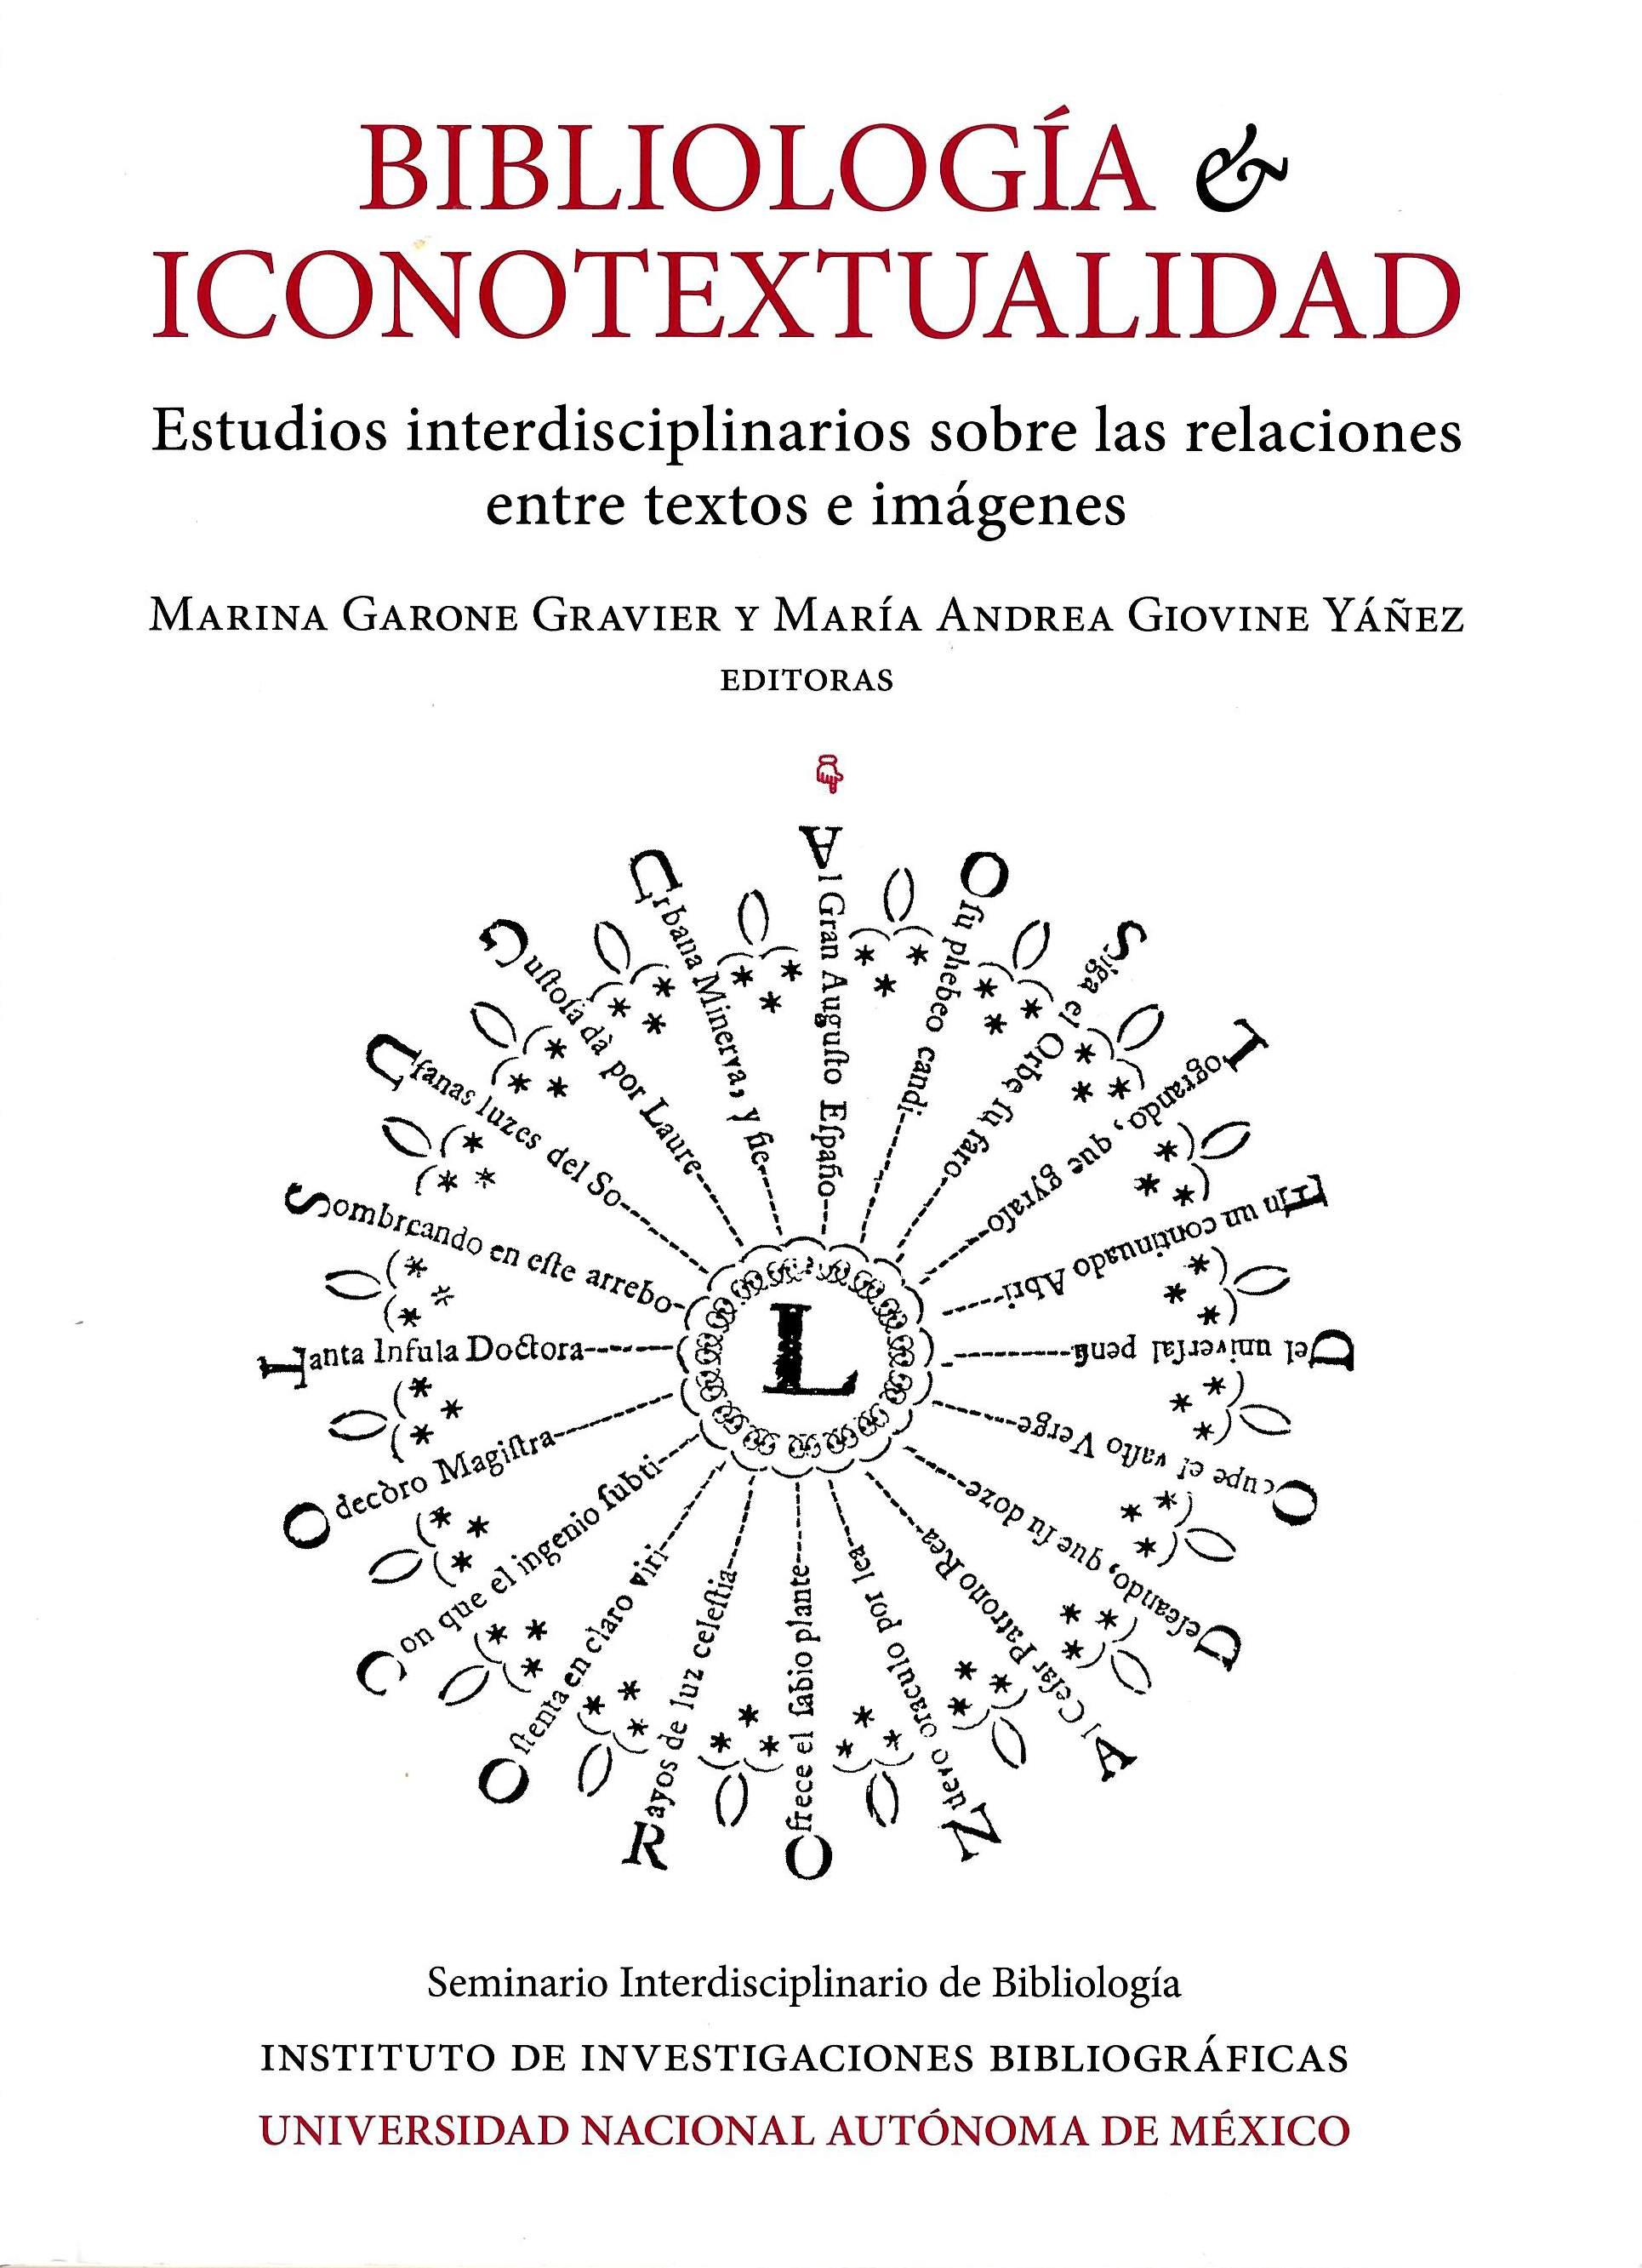 Bibliología e iconotextualidad: estudios interdisciplinarios sobre las relaciones entre textos e